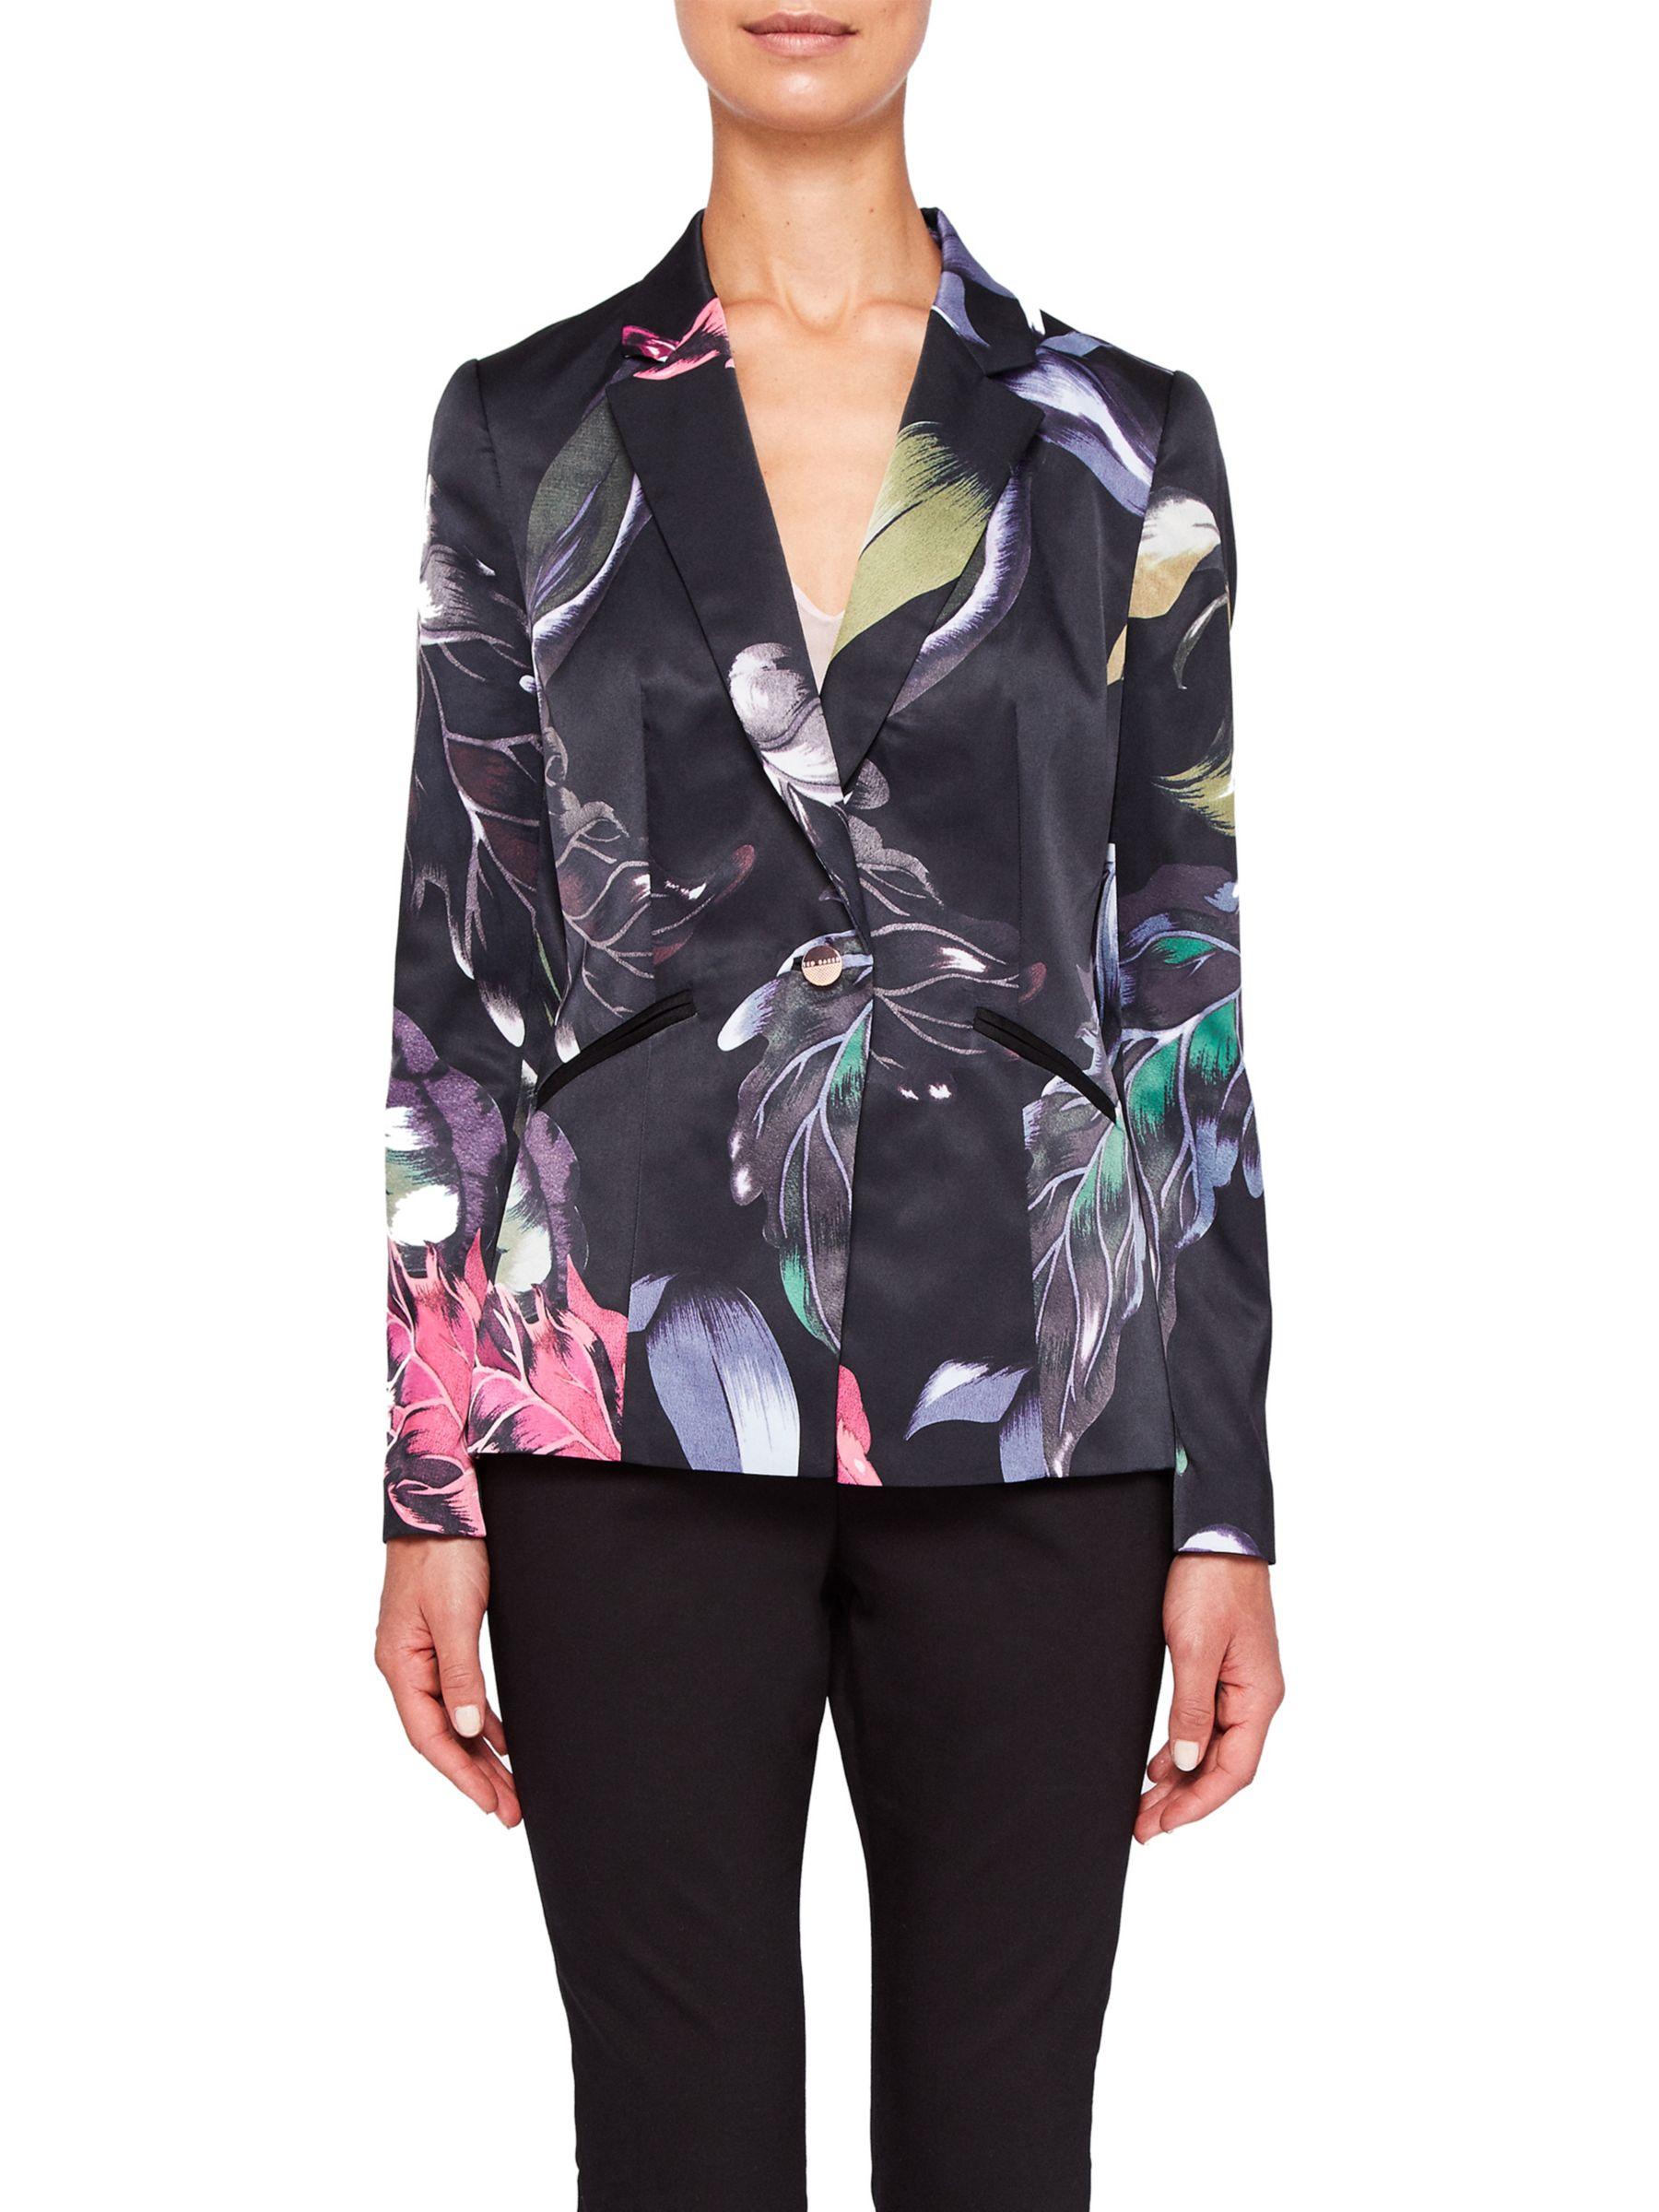 59c6320f3 Ted Baker Eden Floral Suit Blazer Jacket